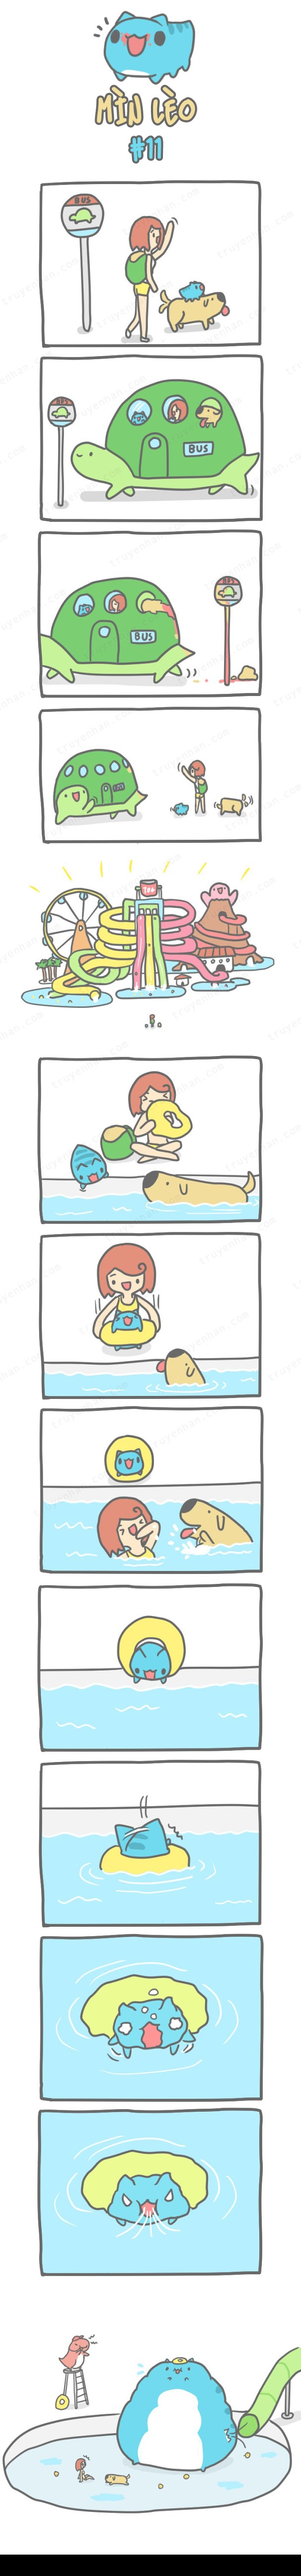 Truyện Mìn Lèo #11